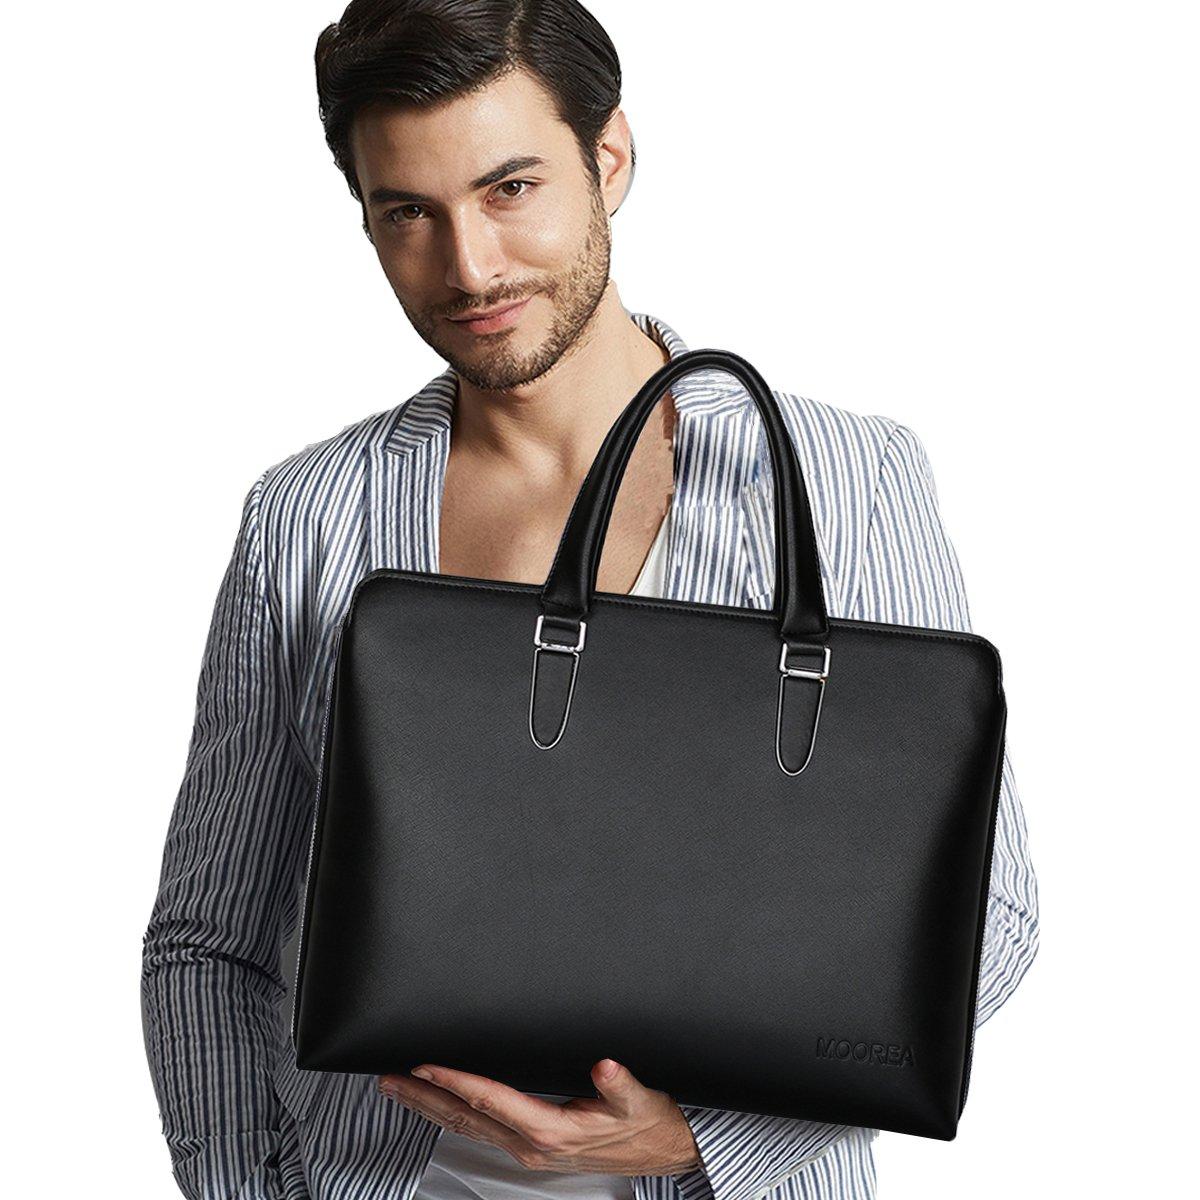 Business Briefcase Bag, Expandable Leather Briefcase for Men, 15.6 Inch Laptop Shoulder Messenger Bag (Black)